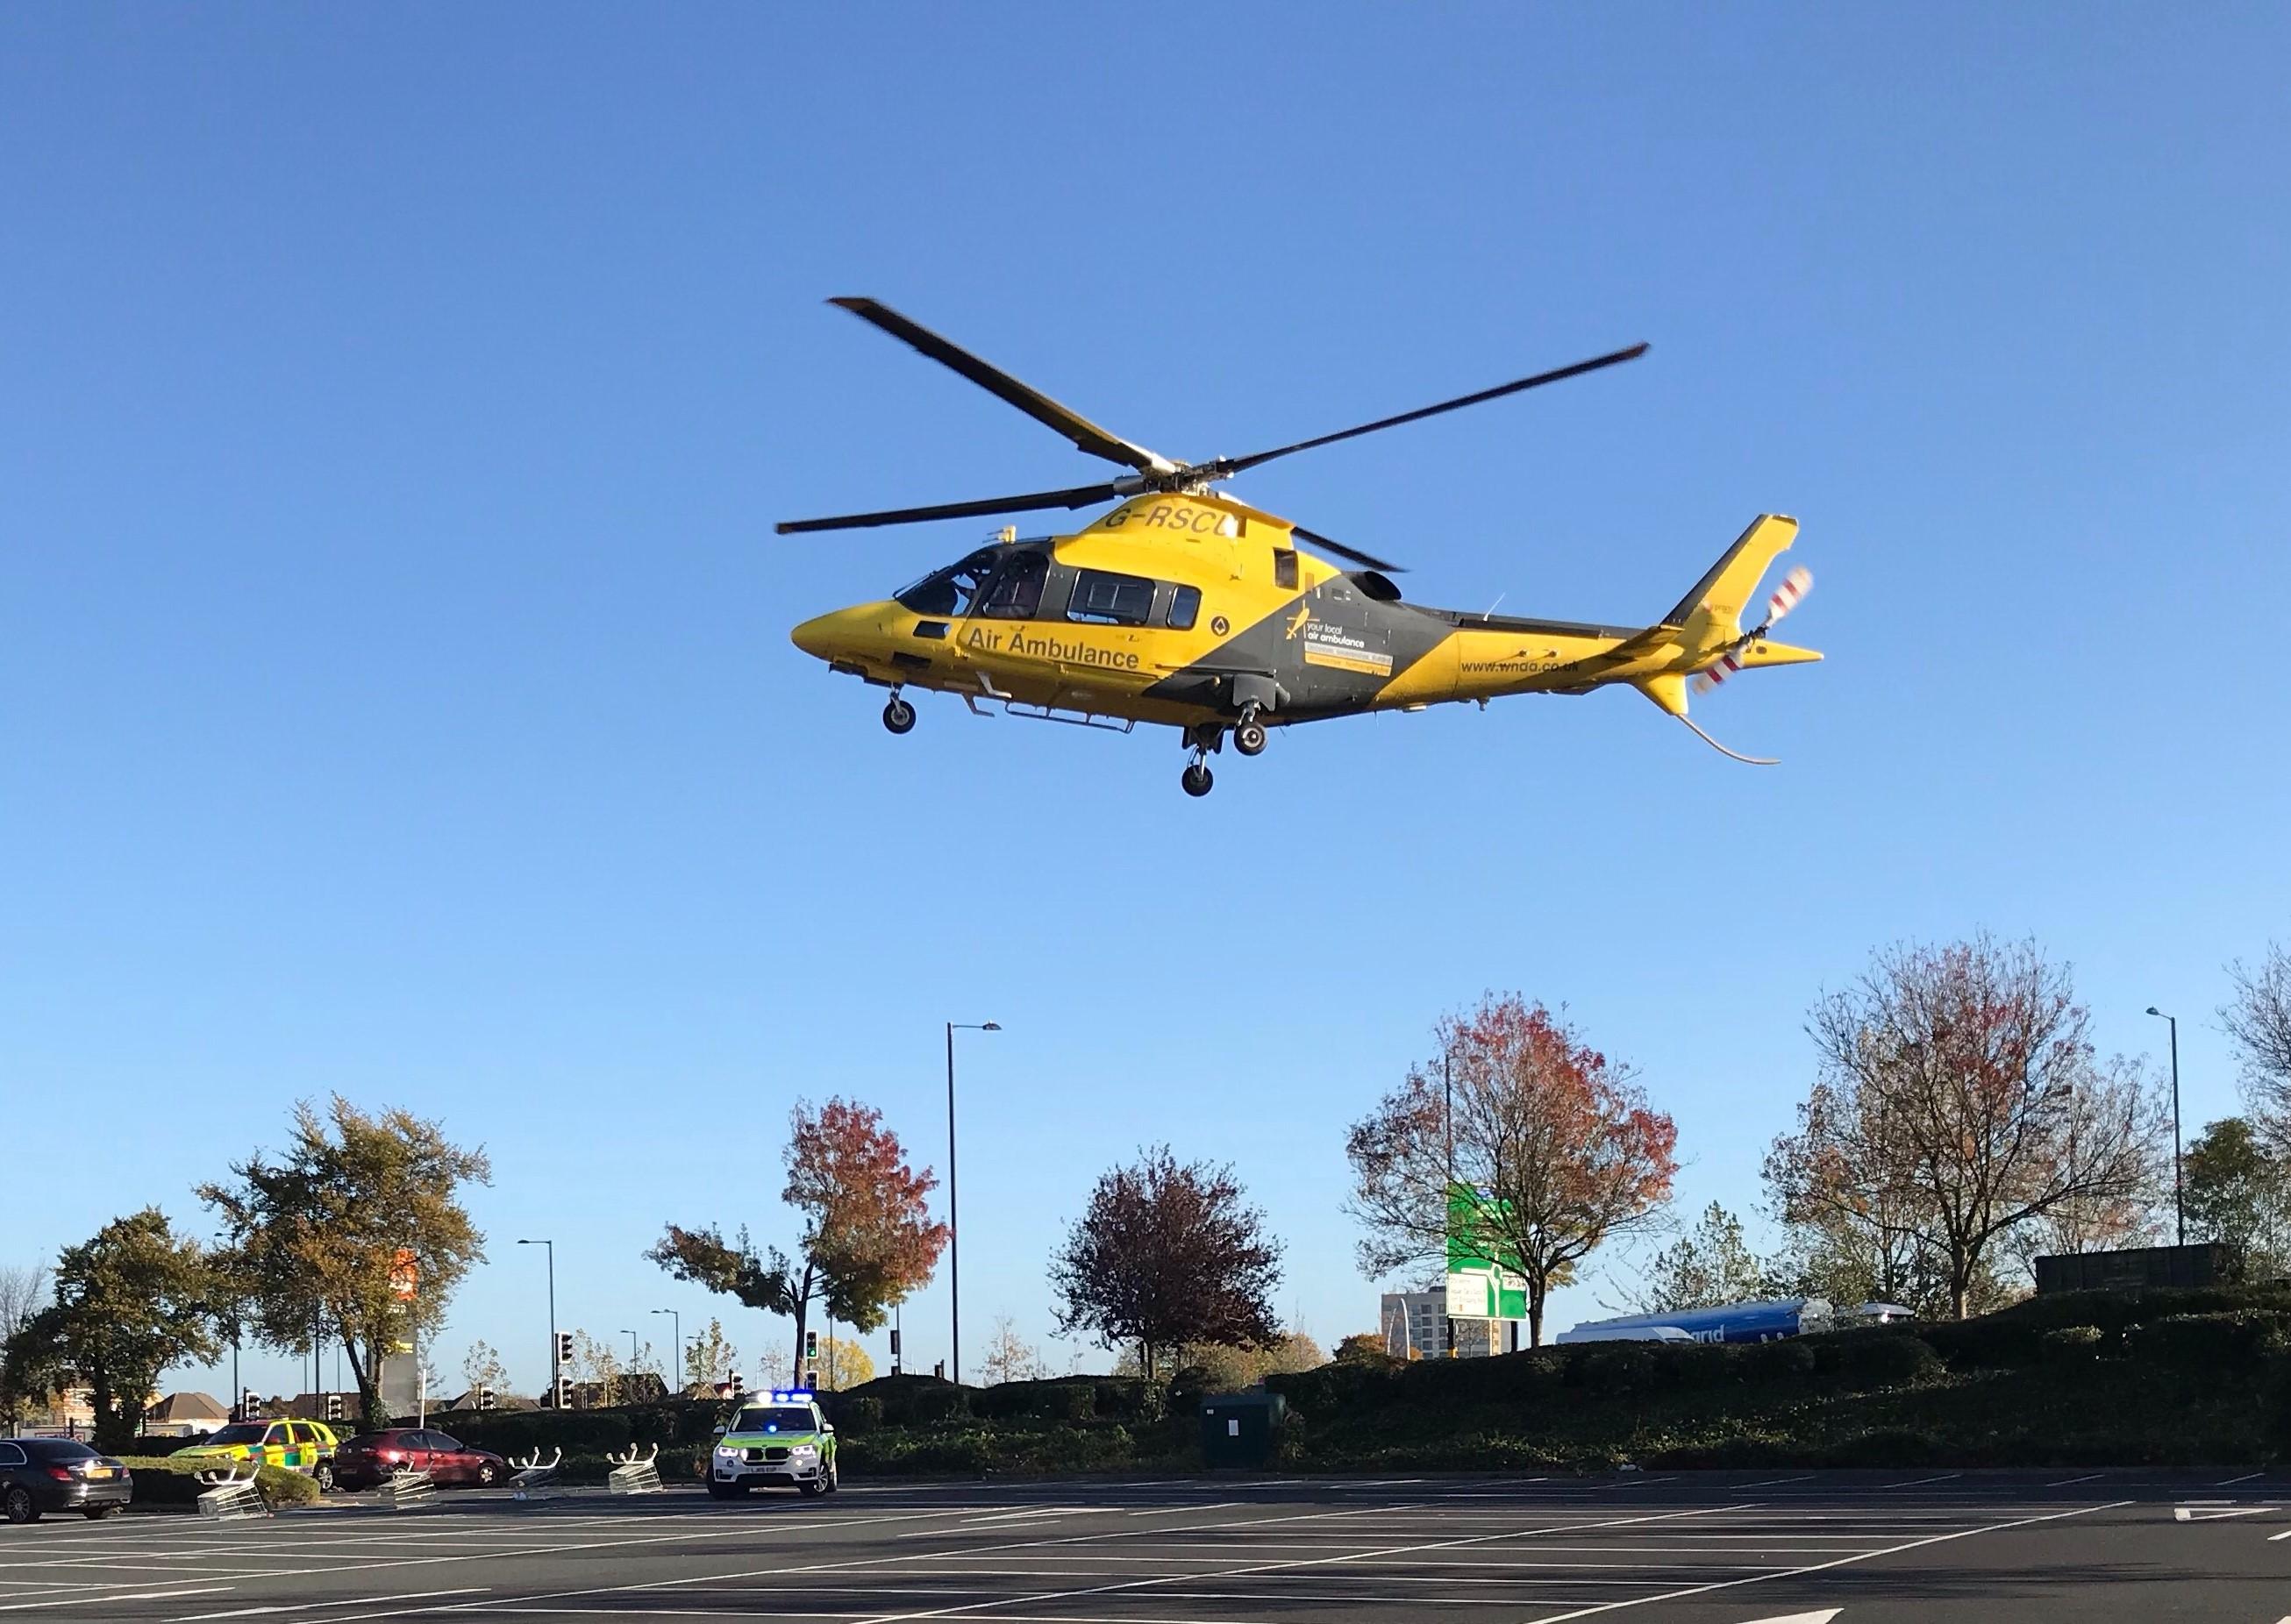 HMED 53 - landing